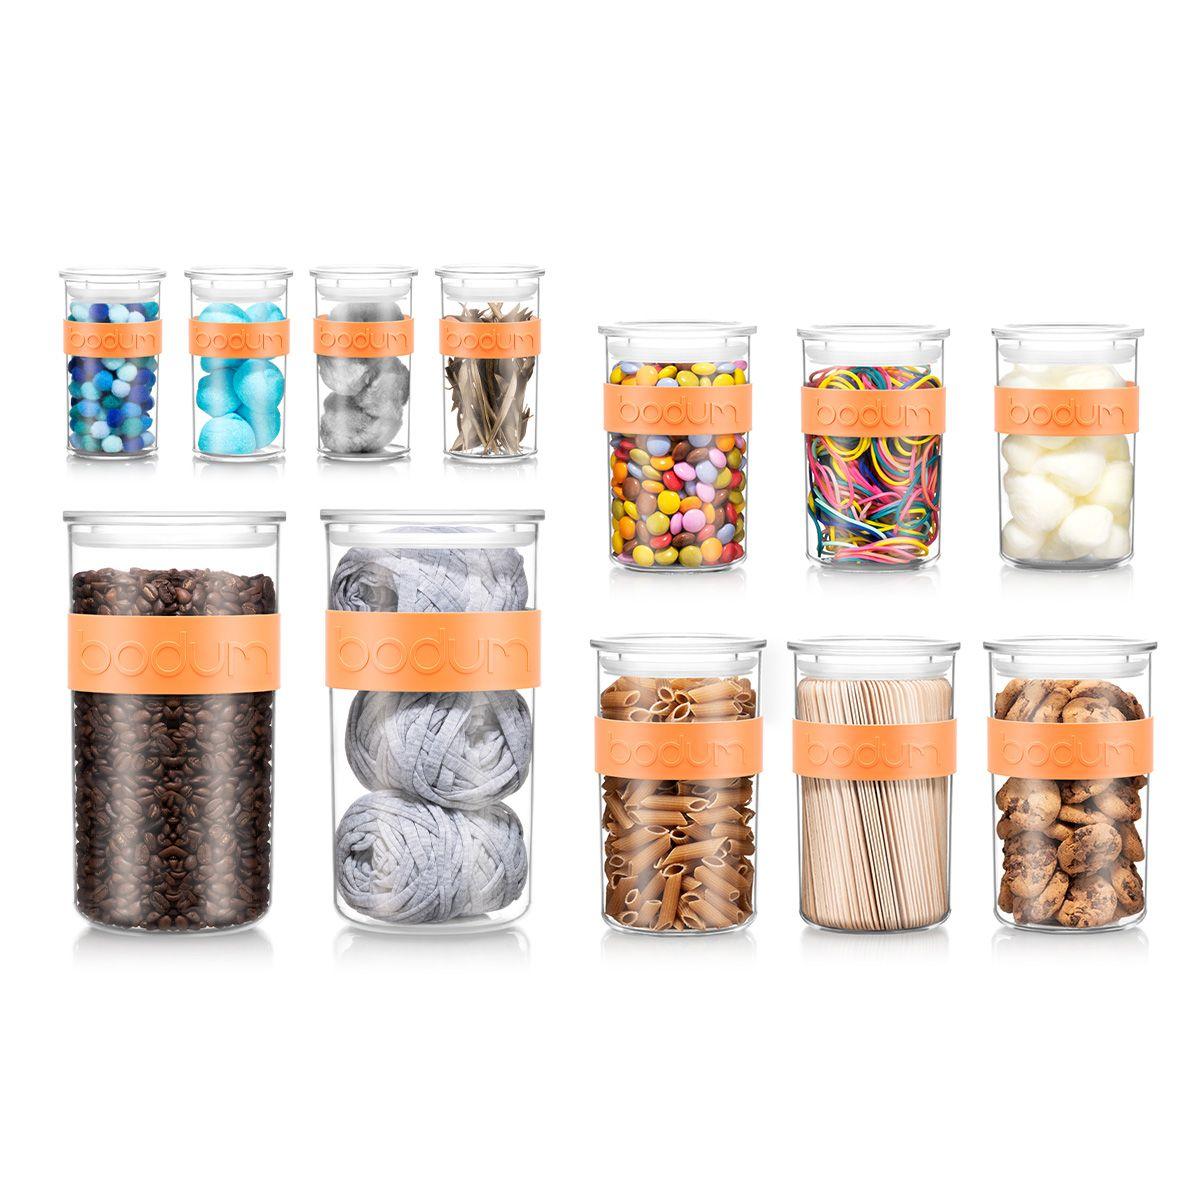 storage jars Bodum